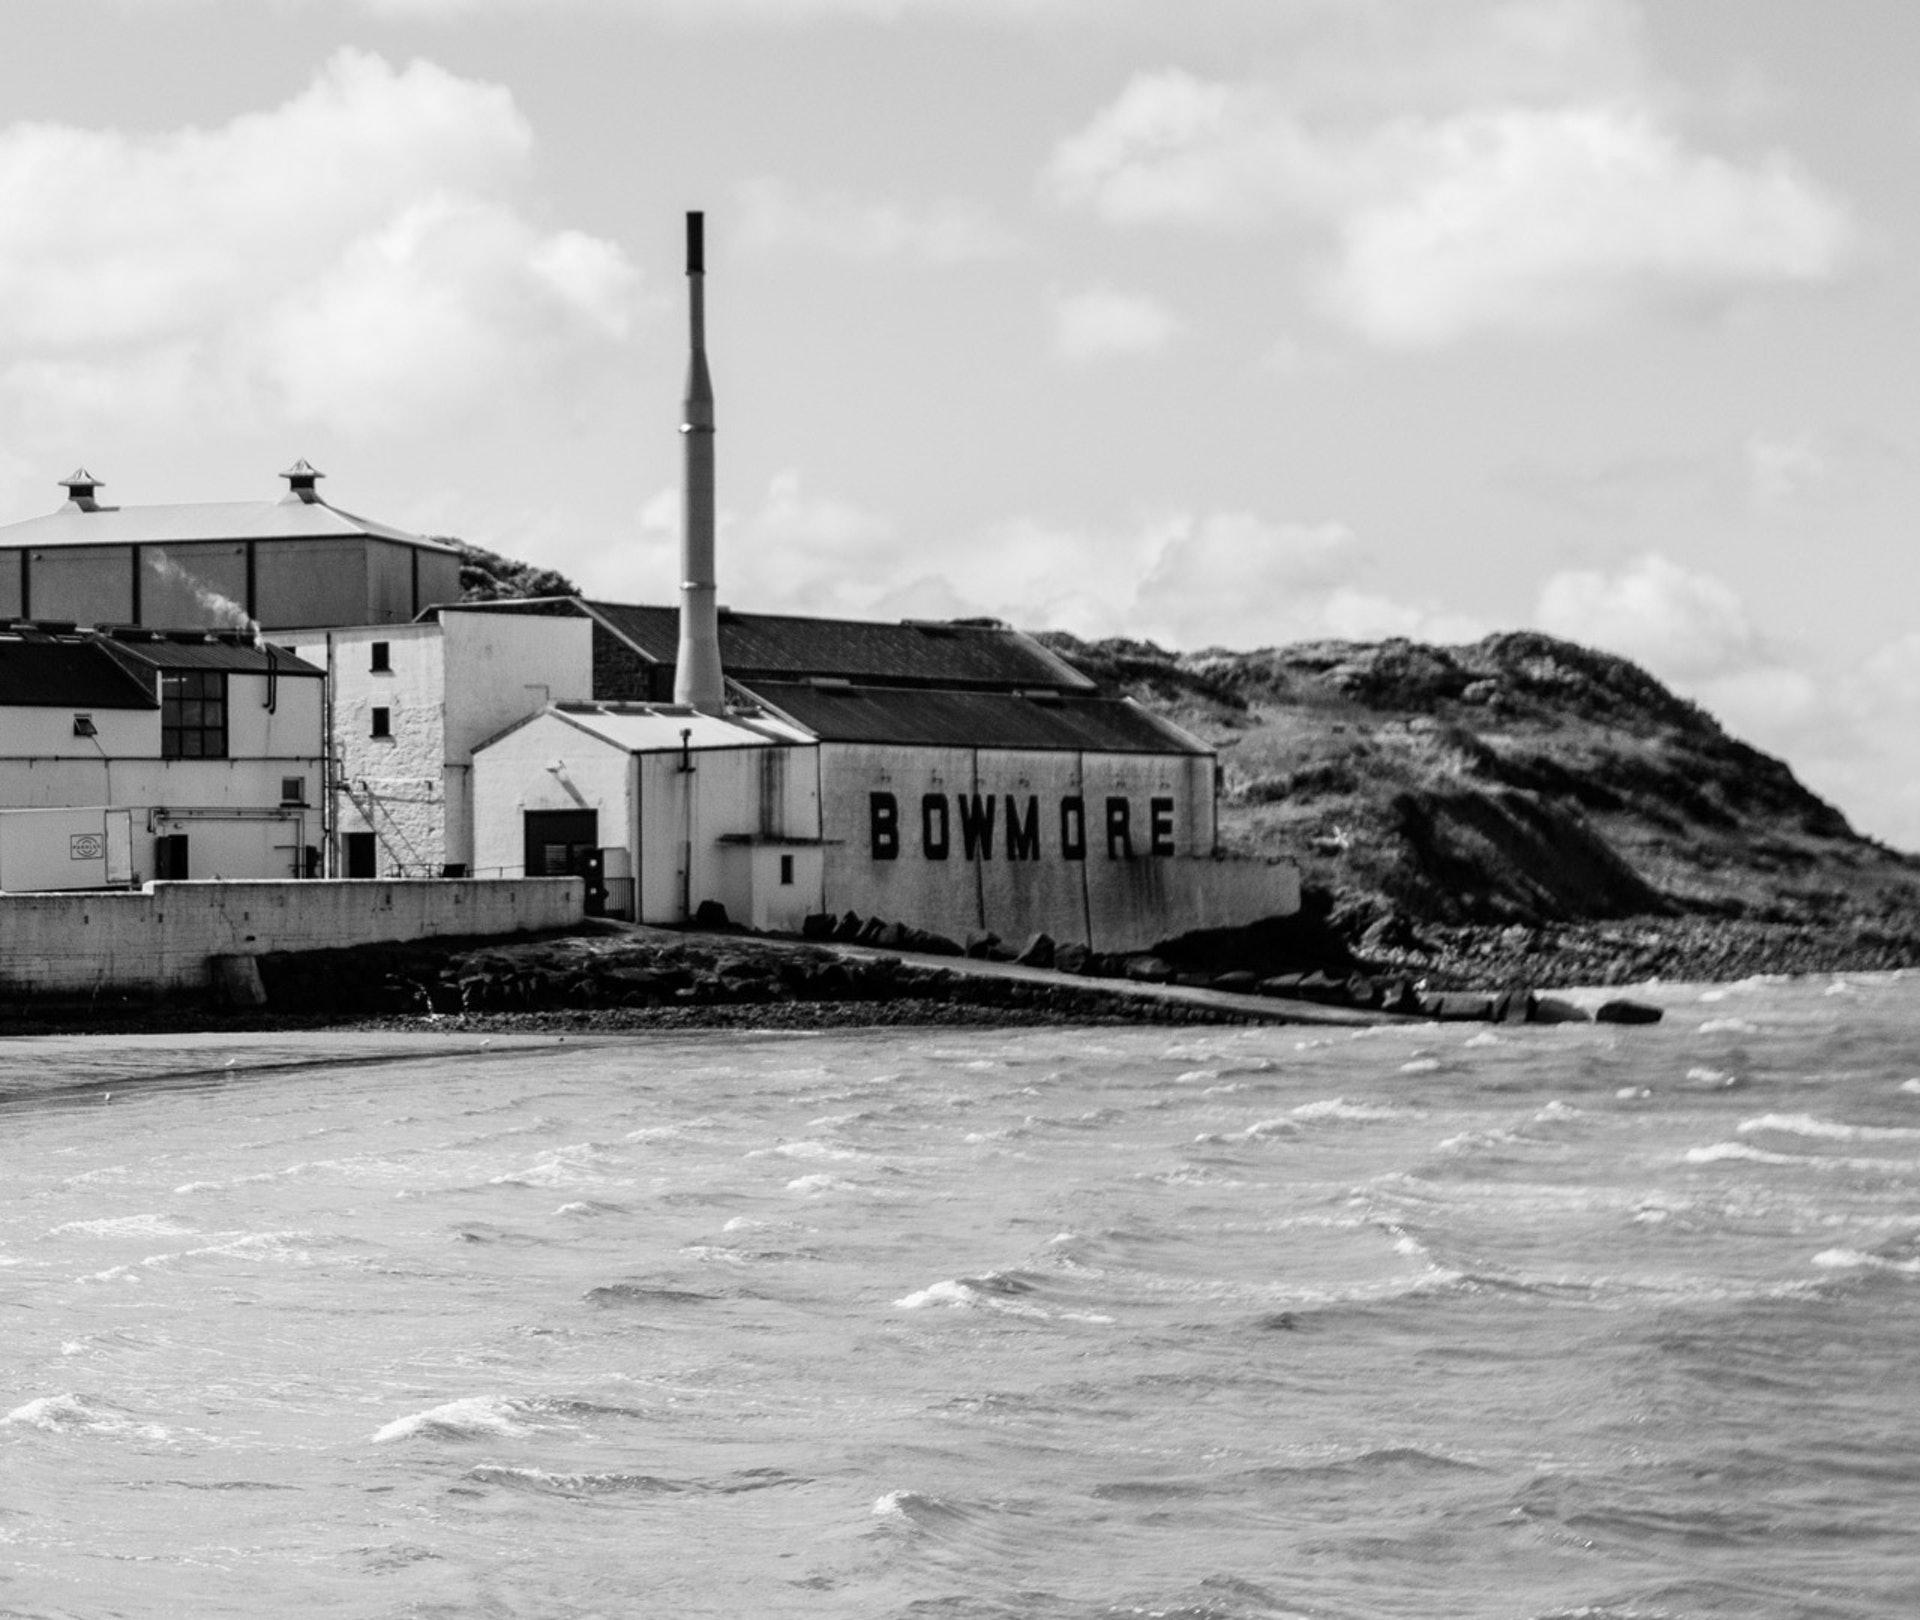 艾雷島有一酒廠Bowmore擅於釀造雪莉桶泥煤威士忌。雪莉桶有時帶有硫磺味,很容易被泥煤味突顯出來,所以要釀得好都花一番功夫(圖片來源:islay.com)